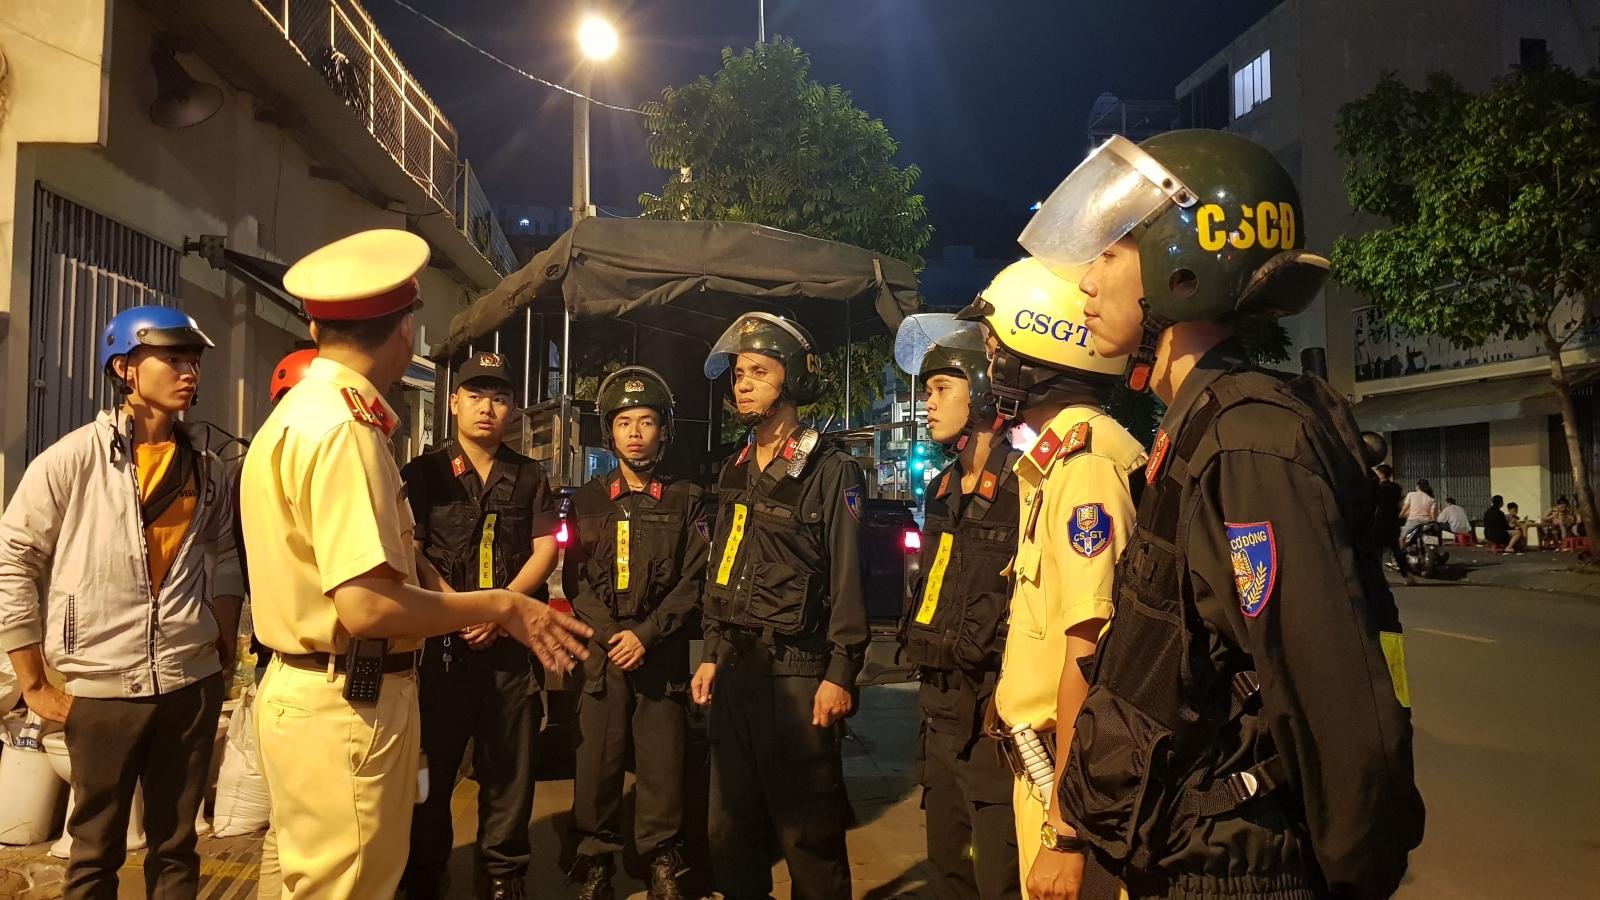 Công an TPHCM tập trung trấn áp tội phạm đường phố dịp Tết Nguyên đán